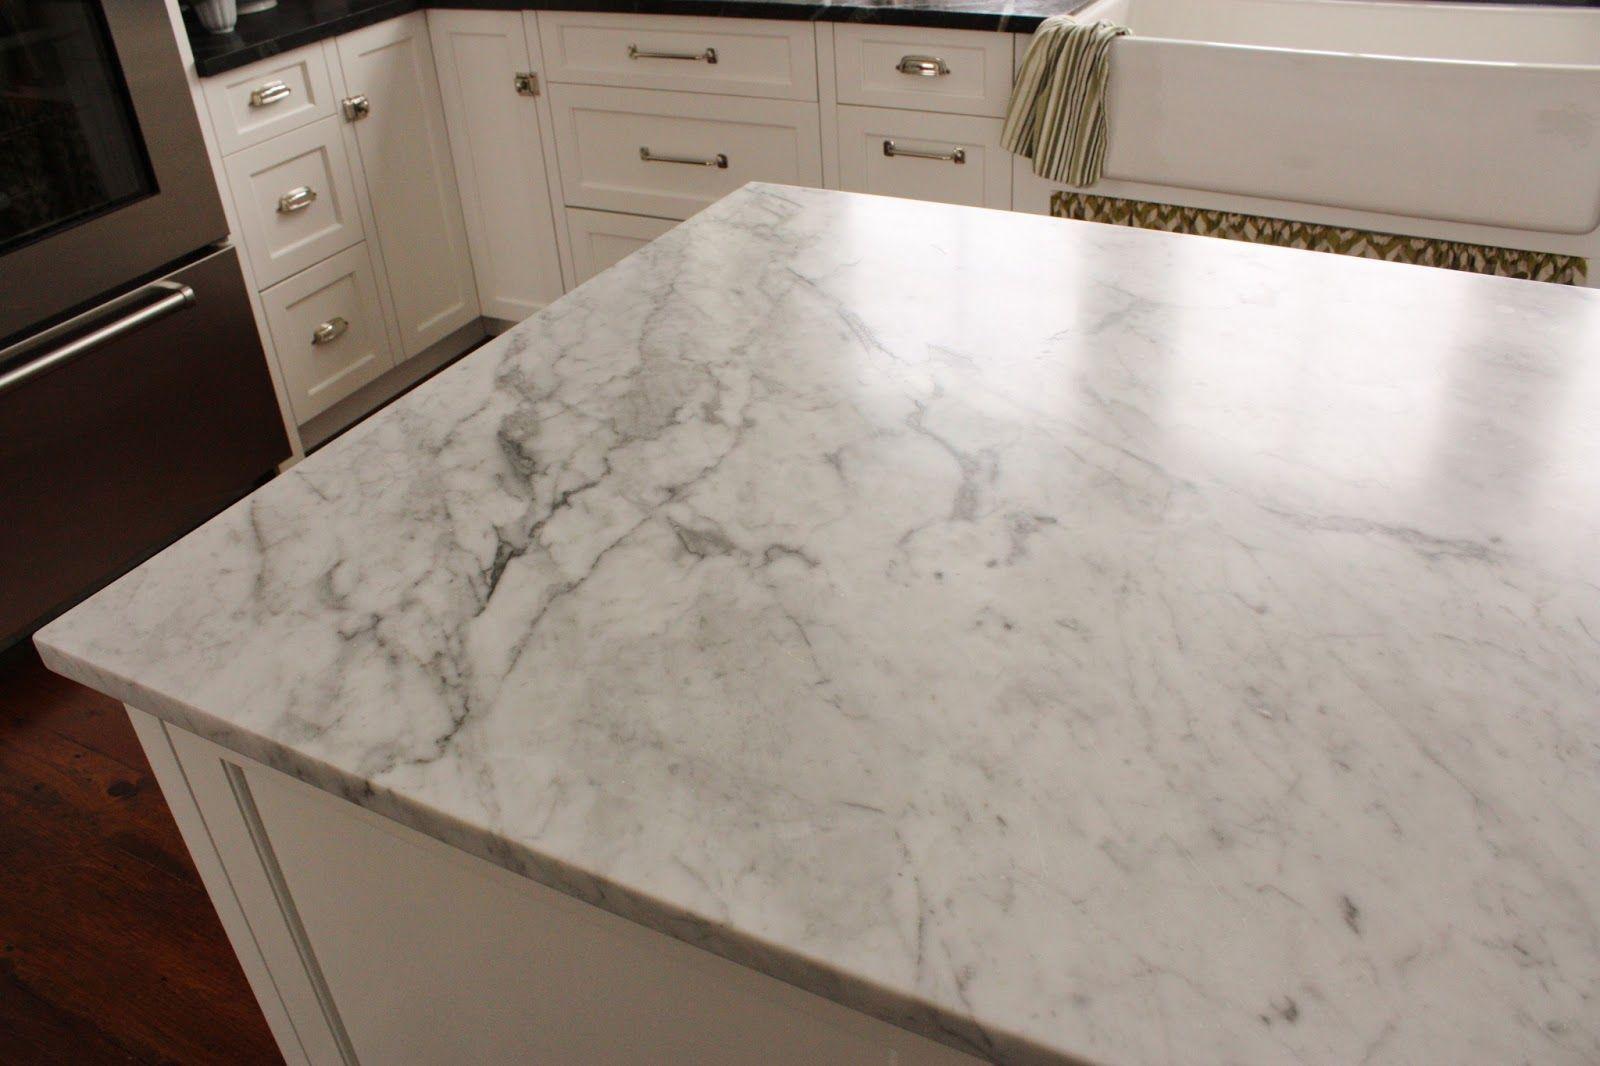 Quarz-küchendesign carrara marmor küche arbeitsplatten küchen  küchen  pinterest